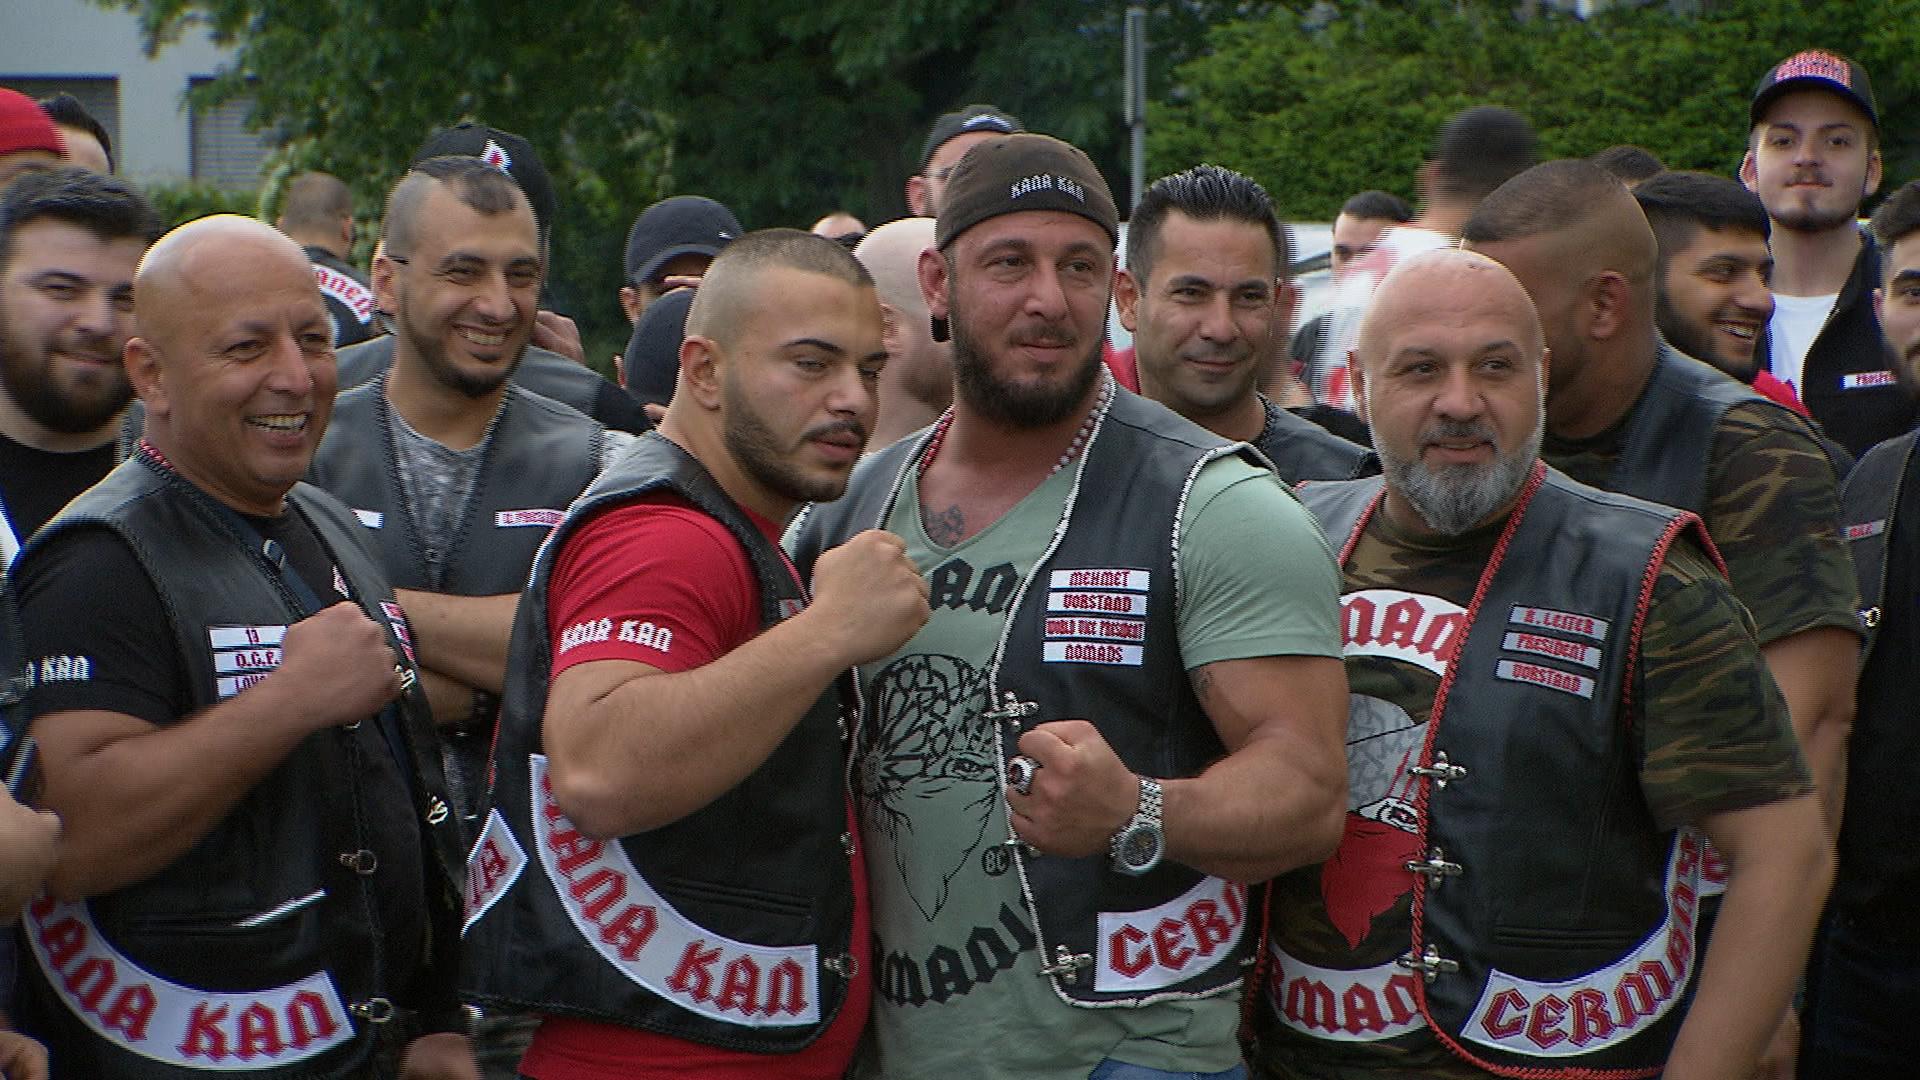 Bildergebnis für Osmanen Germania Boxclub